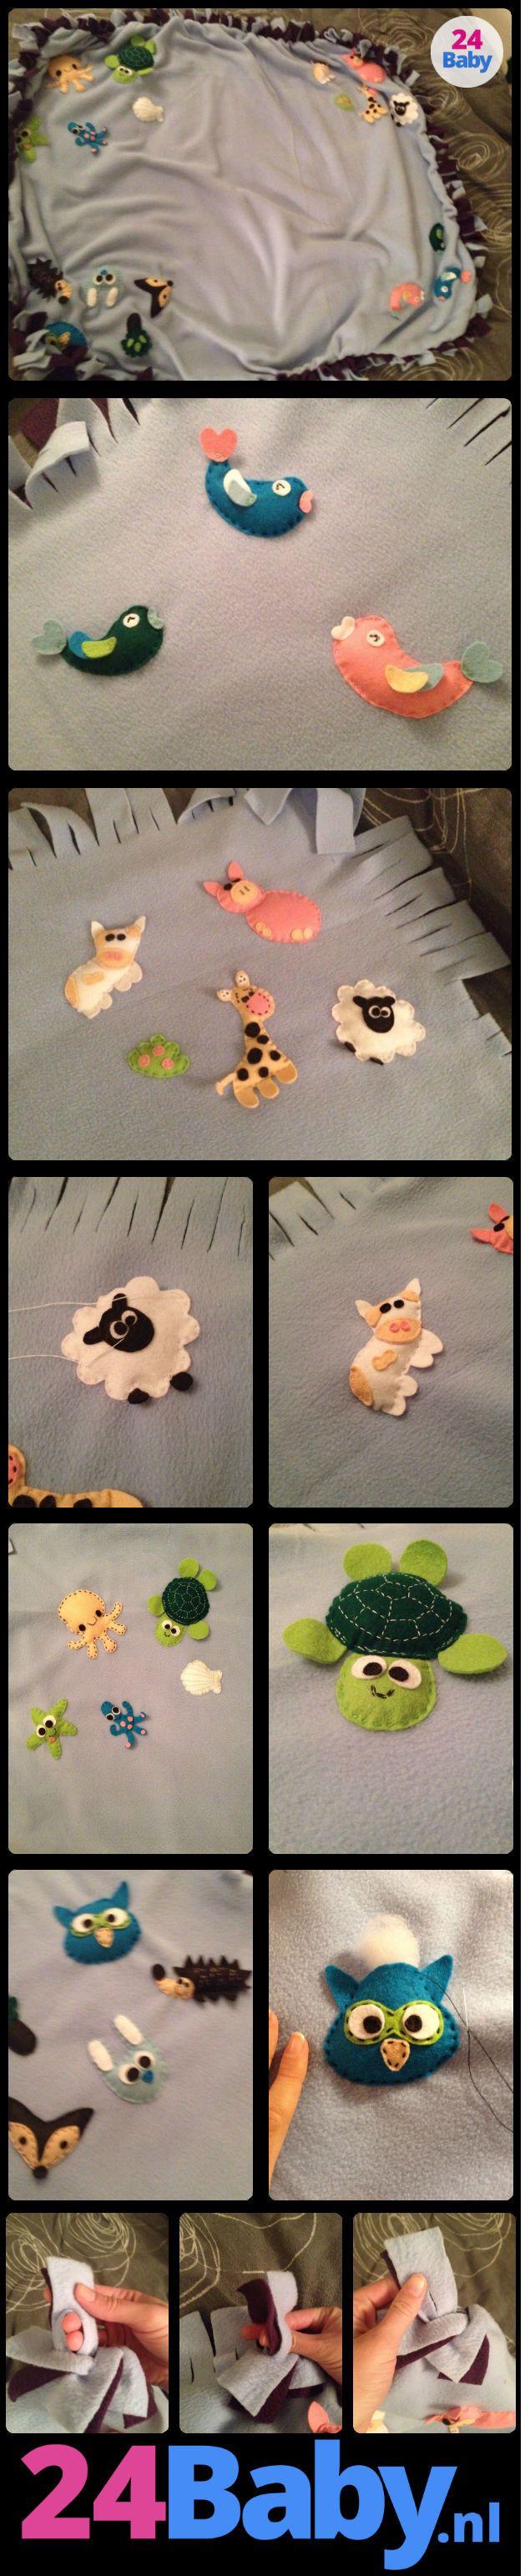 Dit babydekentje is gemaakt door 24Baby-lezeres Elisa voor haar pasgeboren nichtje Zoë. Met twee kleuren fleece, vilt, naald en draad heeft zij dit prachtige kunstwerkje gemaakt! www.24baby.nl